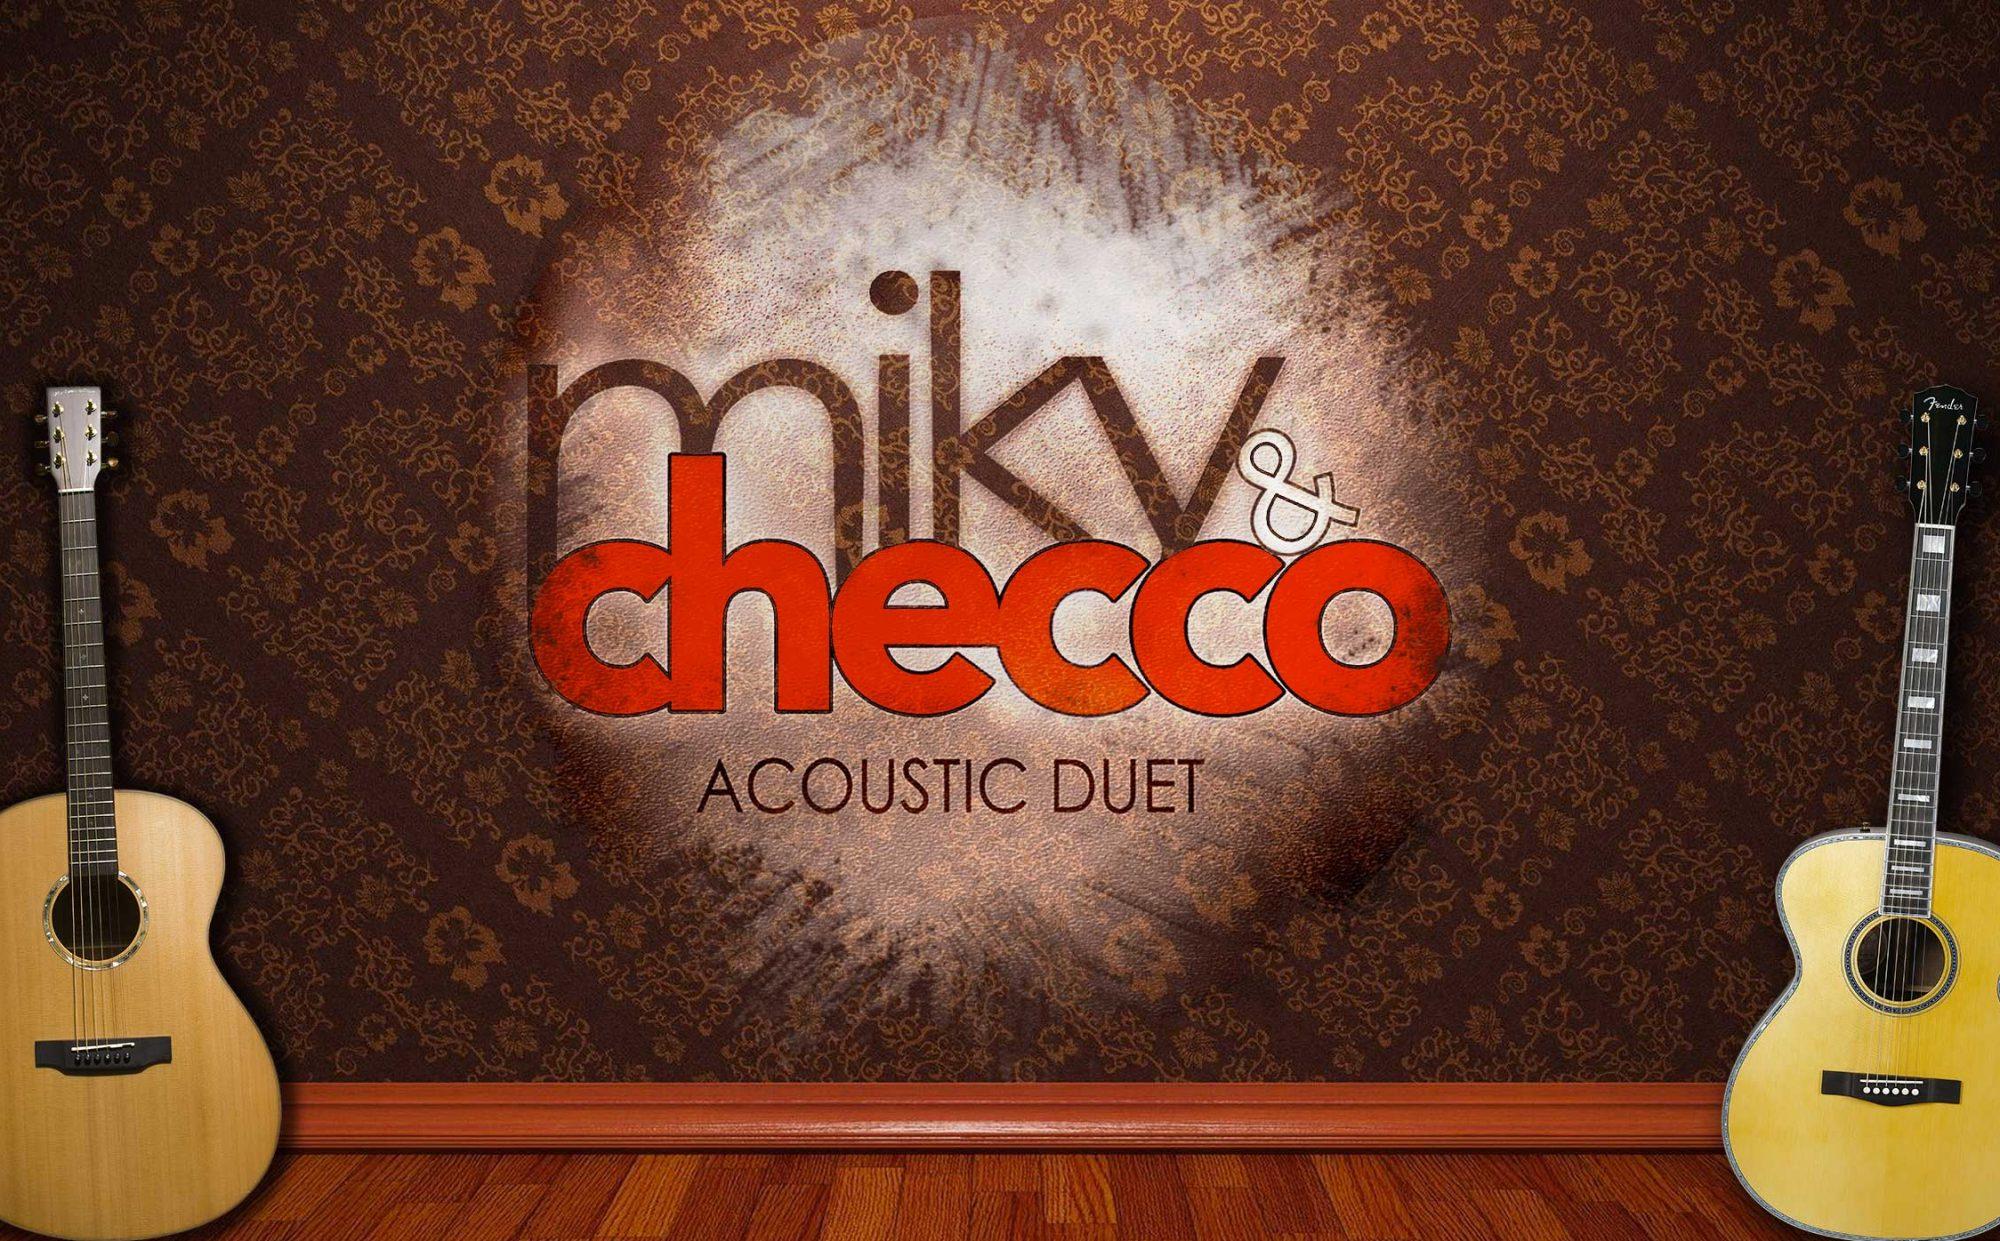 Miky & Checco